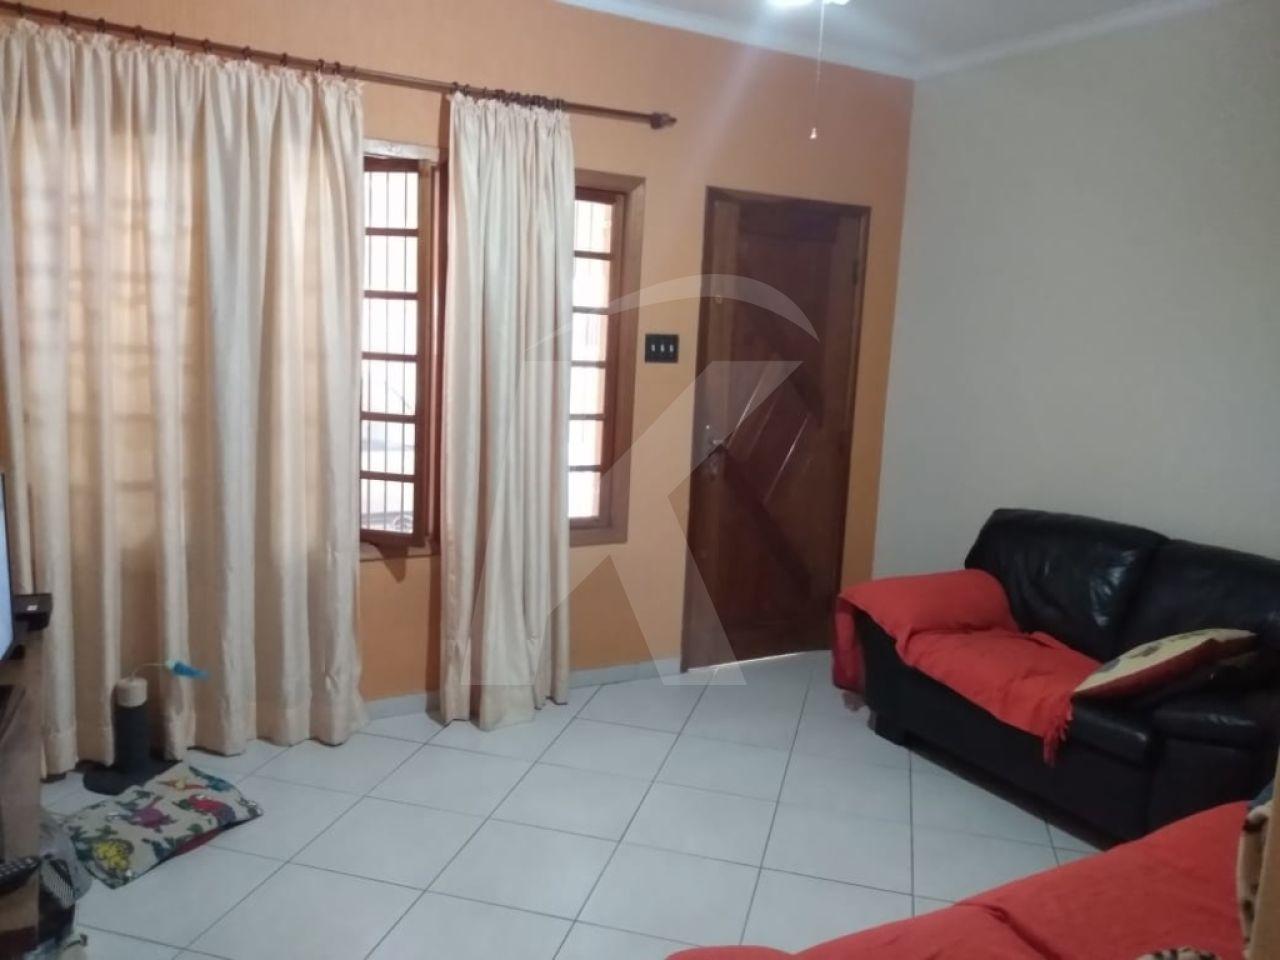 Sobrado Vila Constança - 2 Dormitório(s) - São Paulo - SP - REF. KA8560